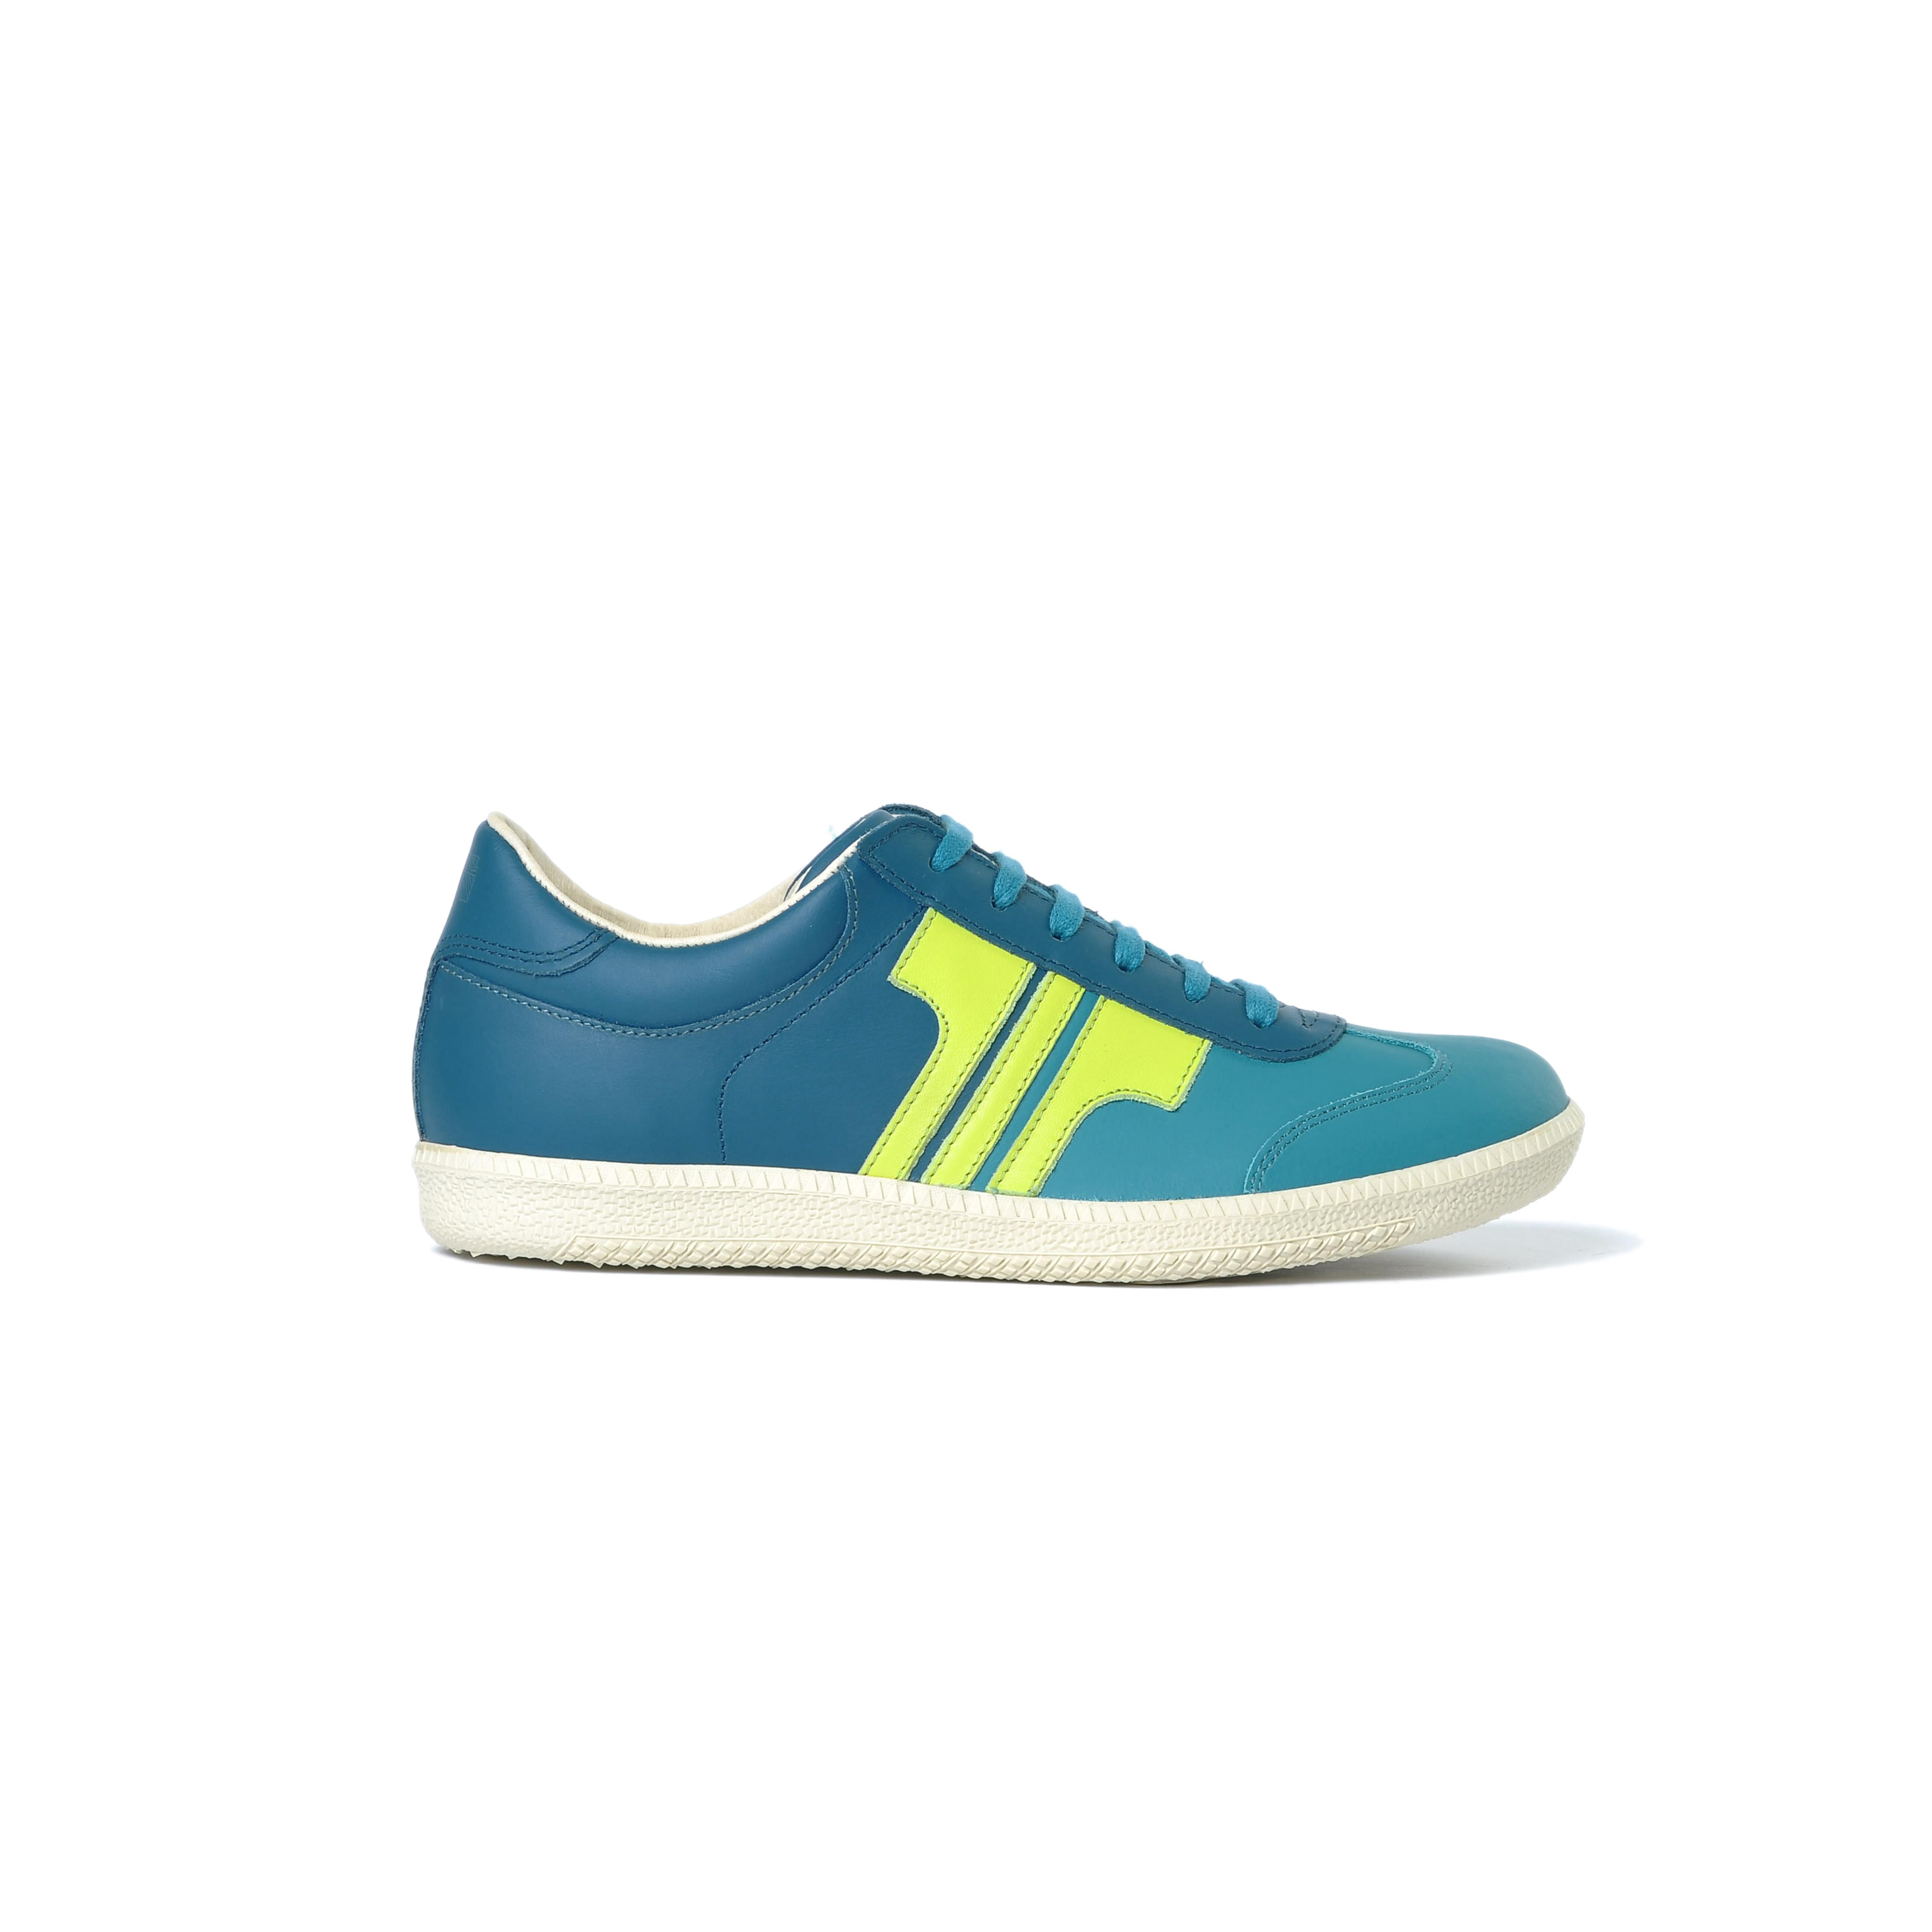 Tisza cipő - Compakt - Víz-kékkoral-ánizs